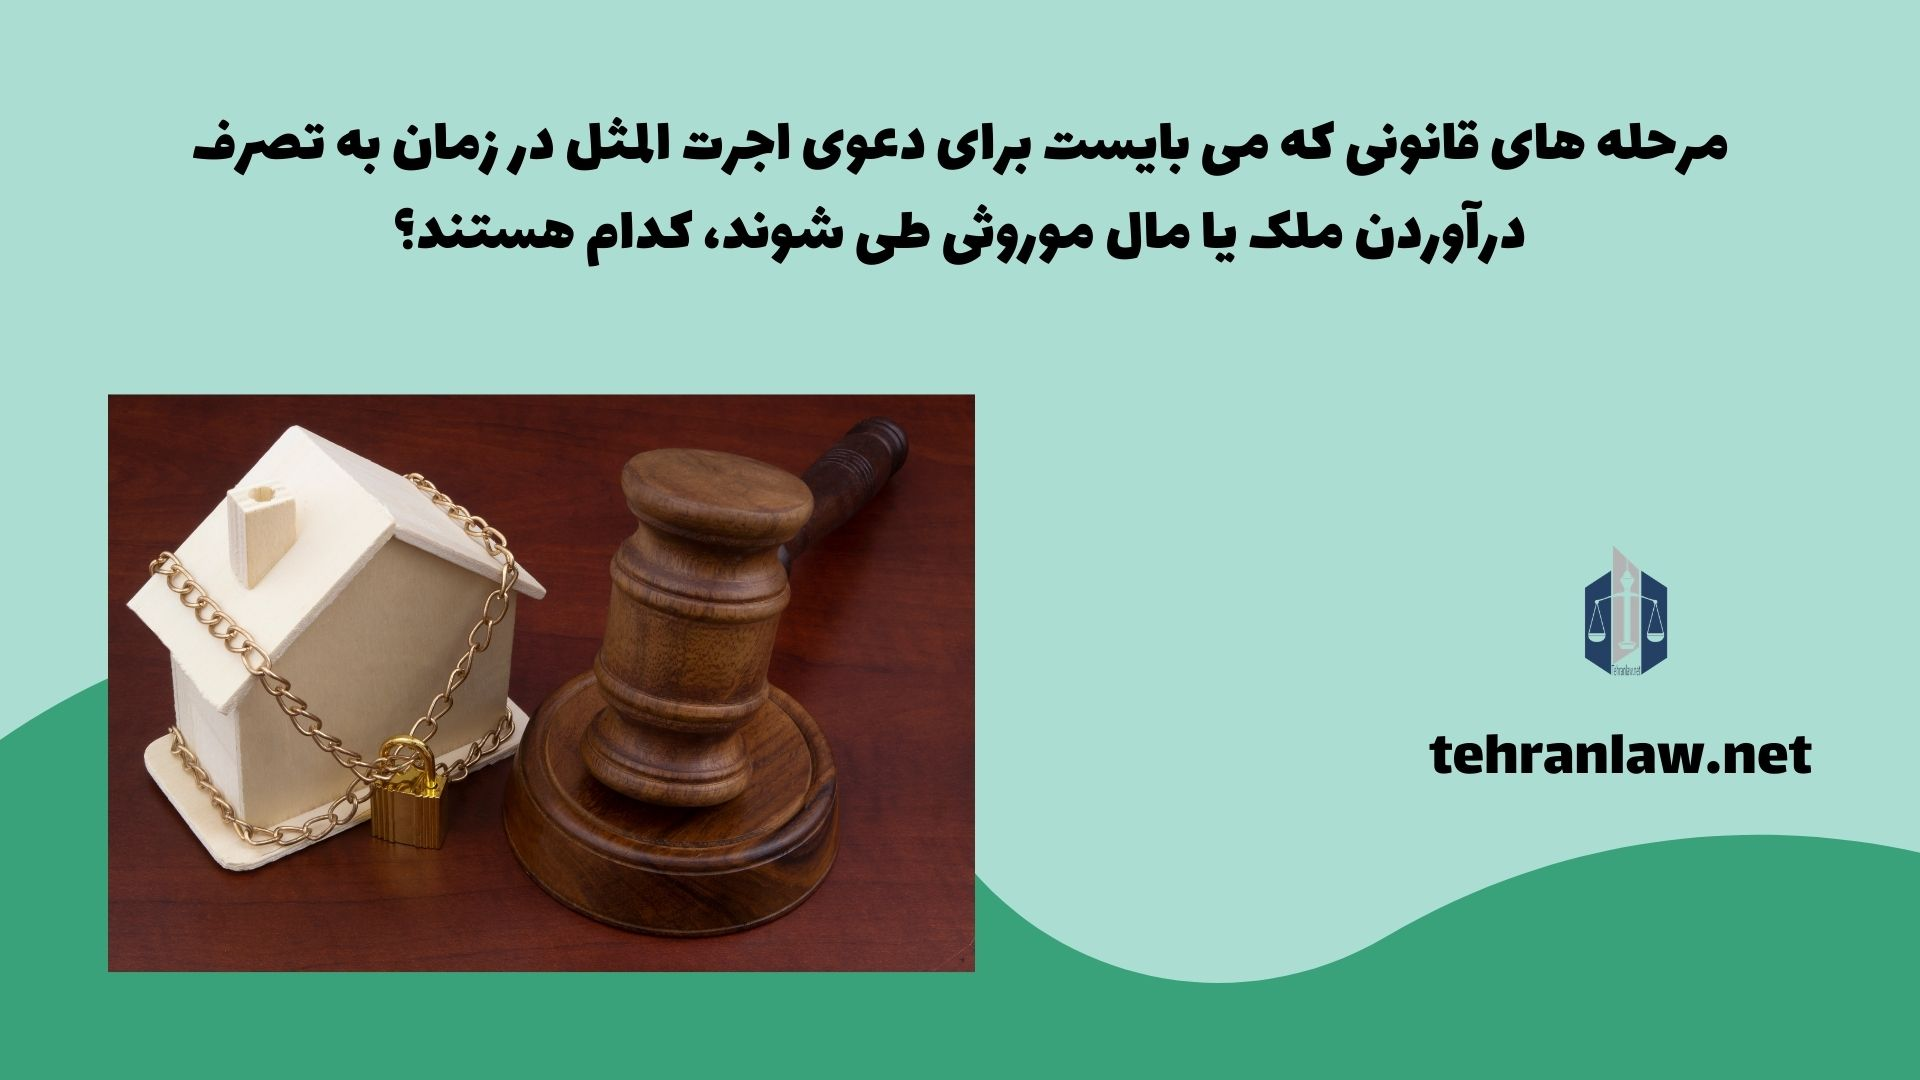 مرحله های قانونی که می بایست برای دعوی اجرت المثل در زمان به تصرف درآوردن ملک یا مال موروثی طی شوند، کدام هستند؟